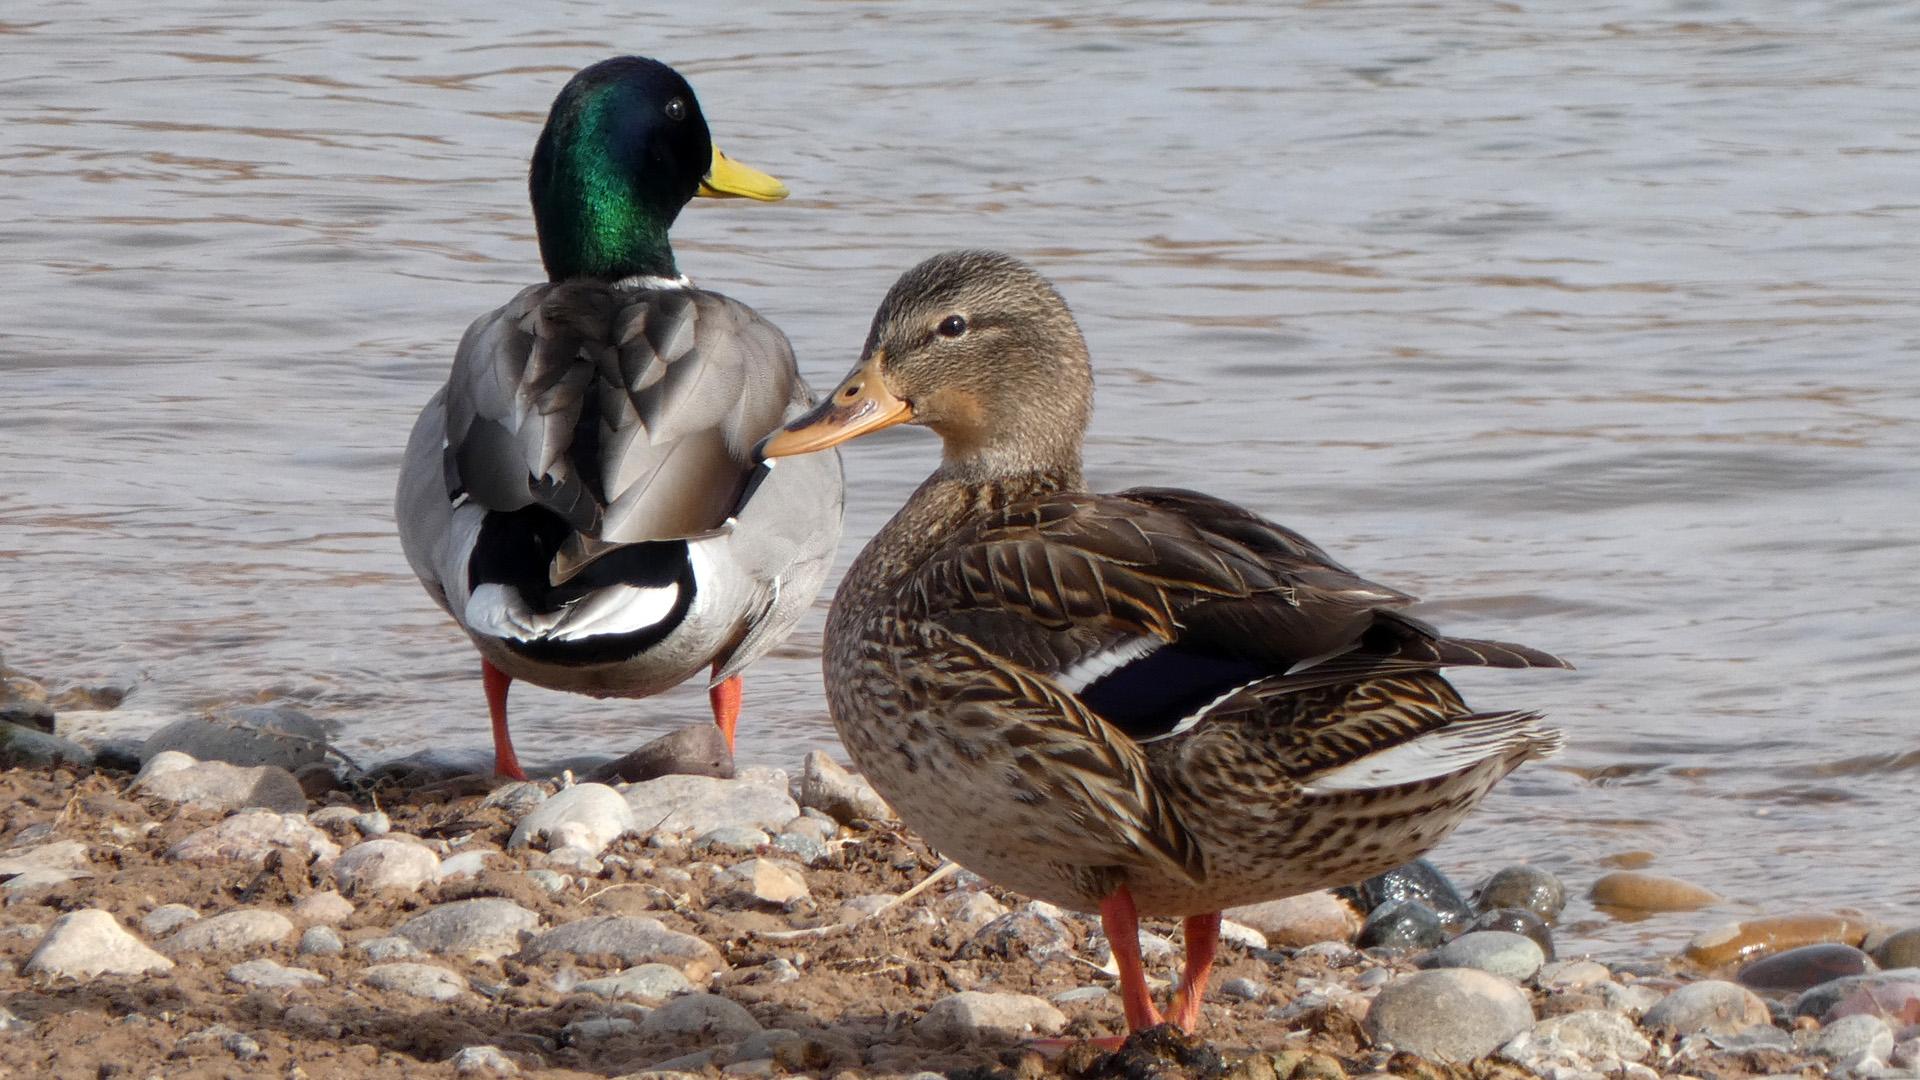 Female and male, Rio Grande, Corrales, January 2021